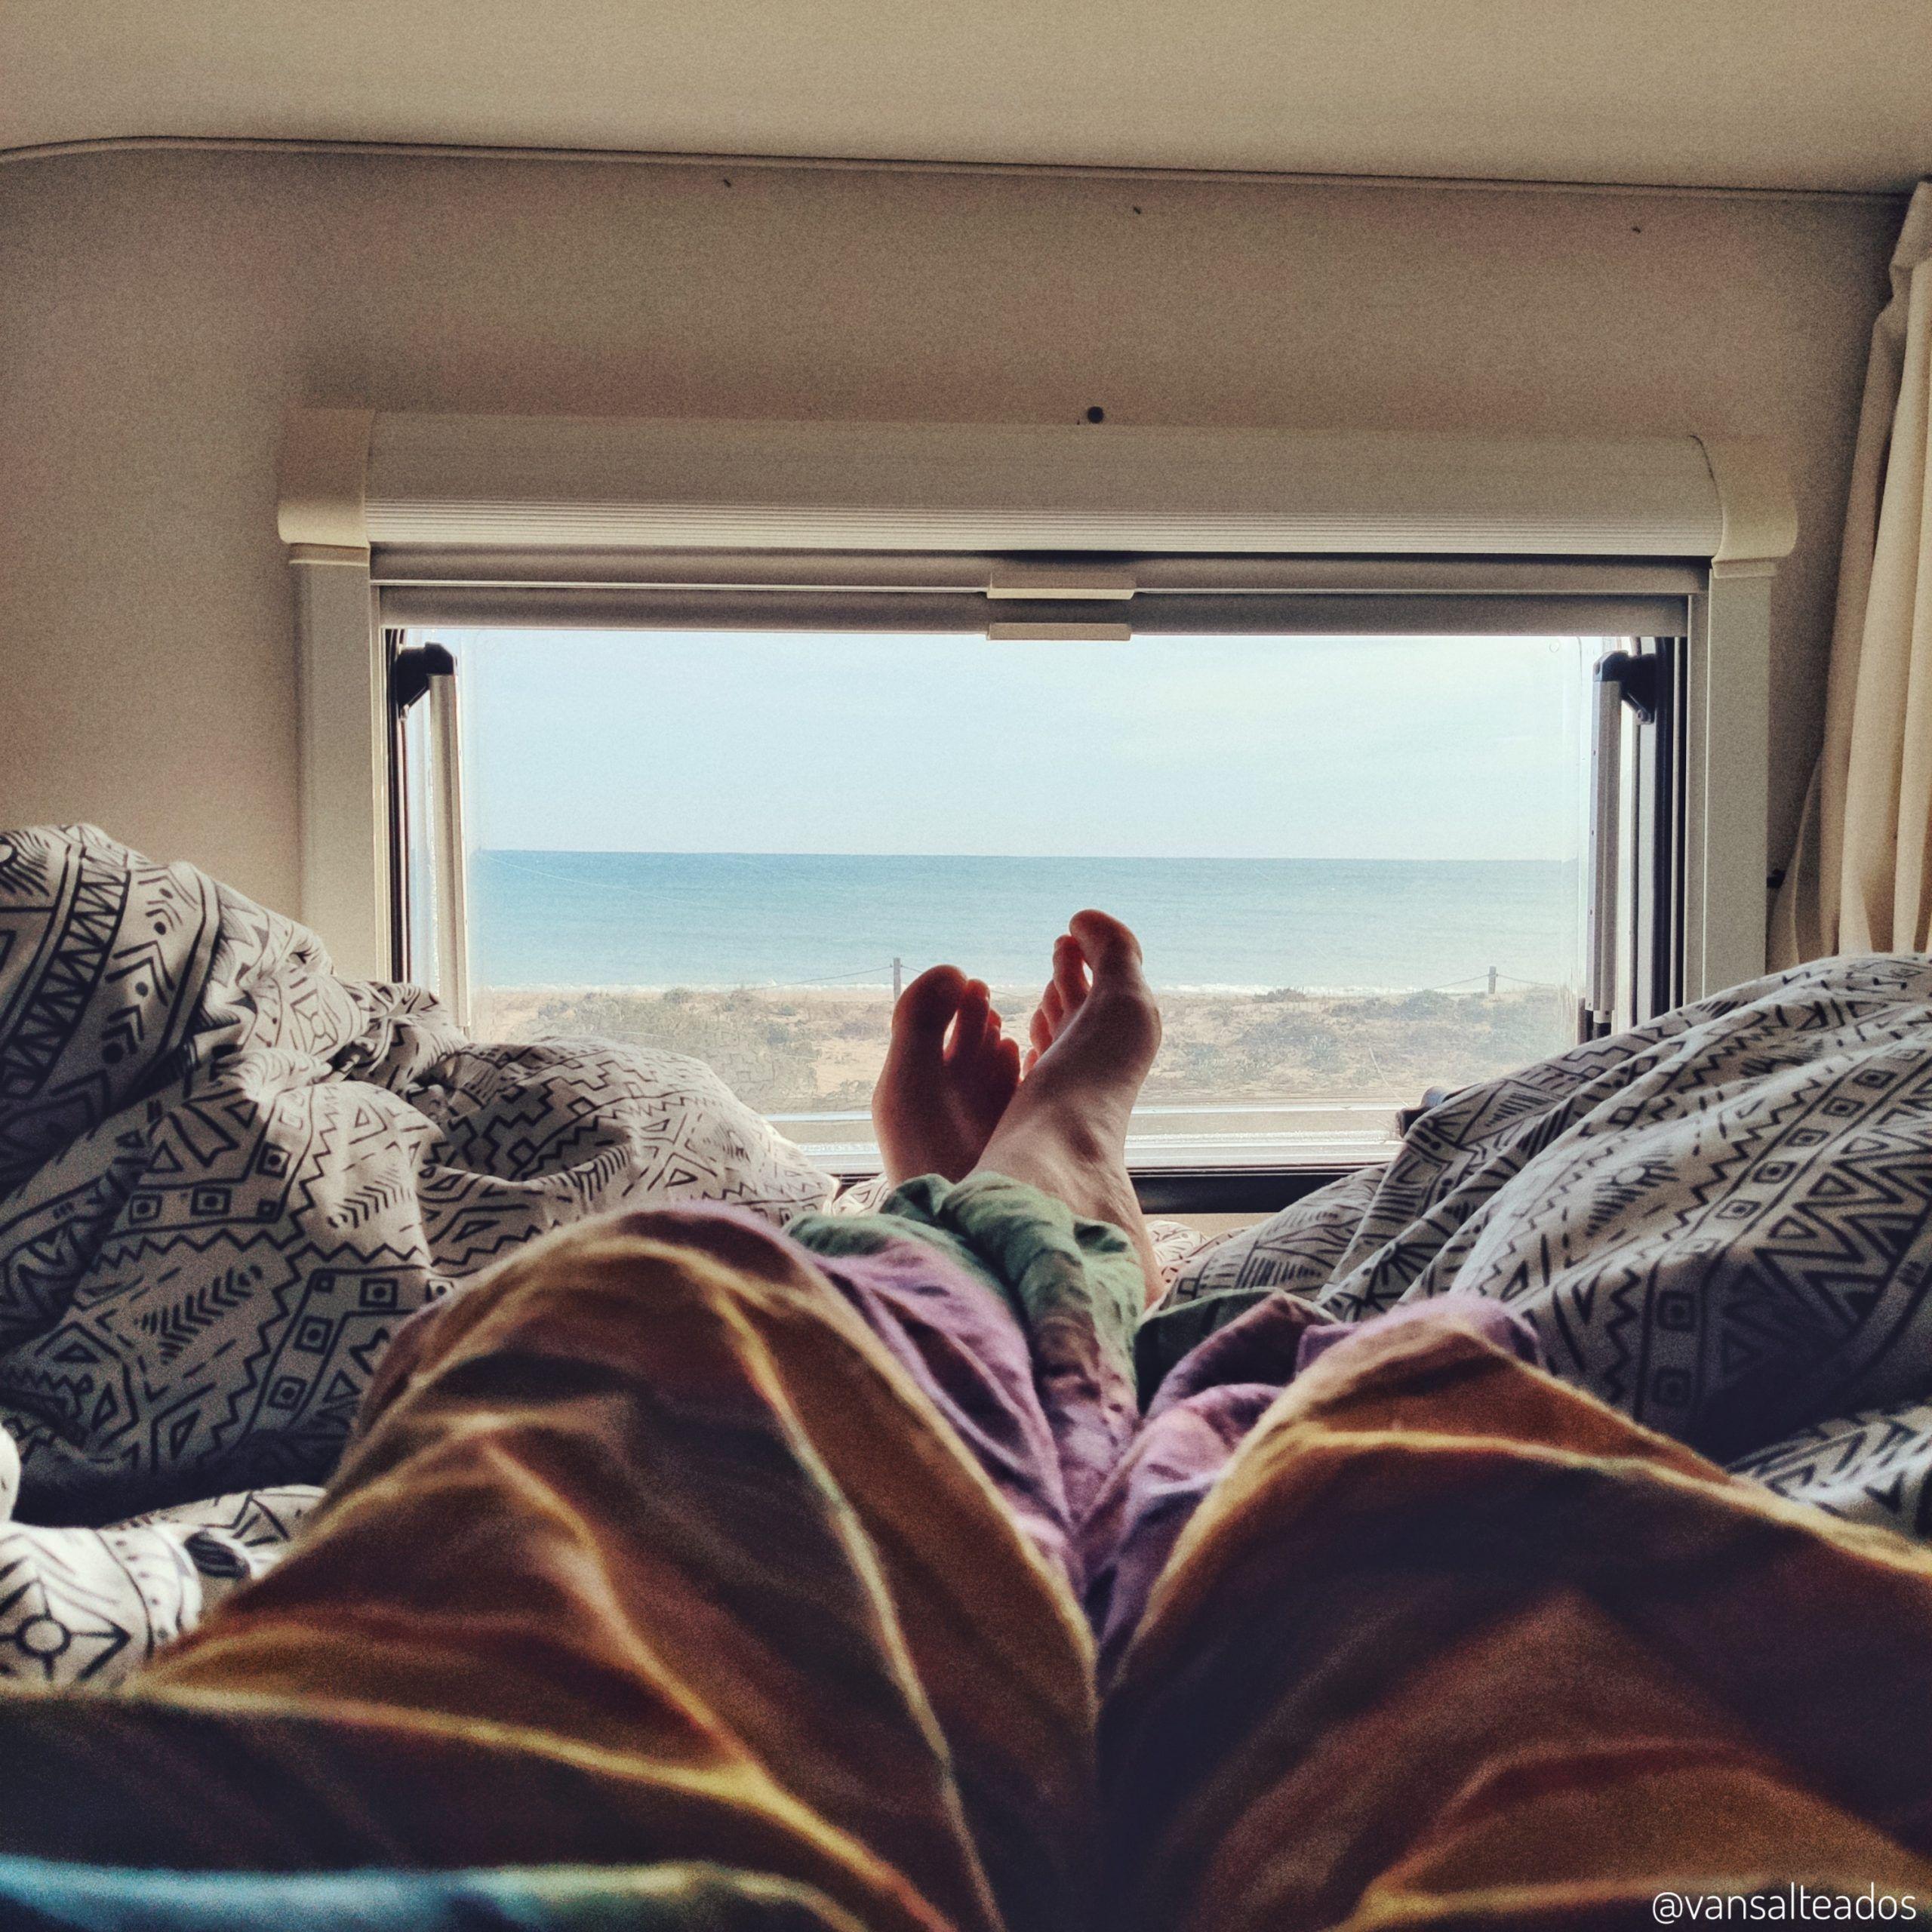 tumbado en la cama de una autocaravana mirando el paisaje